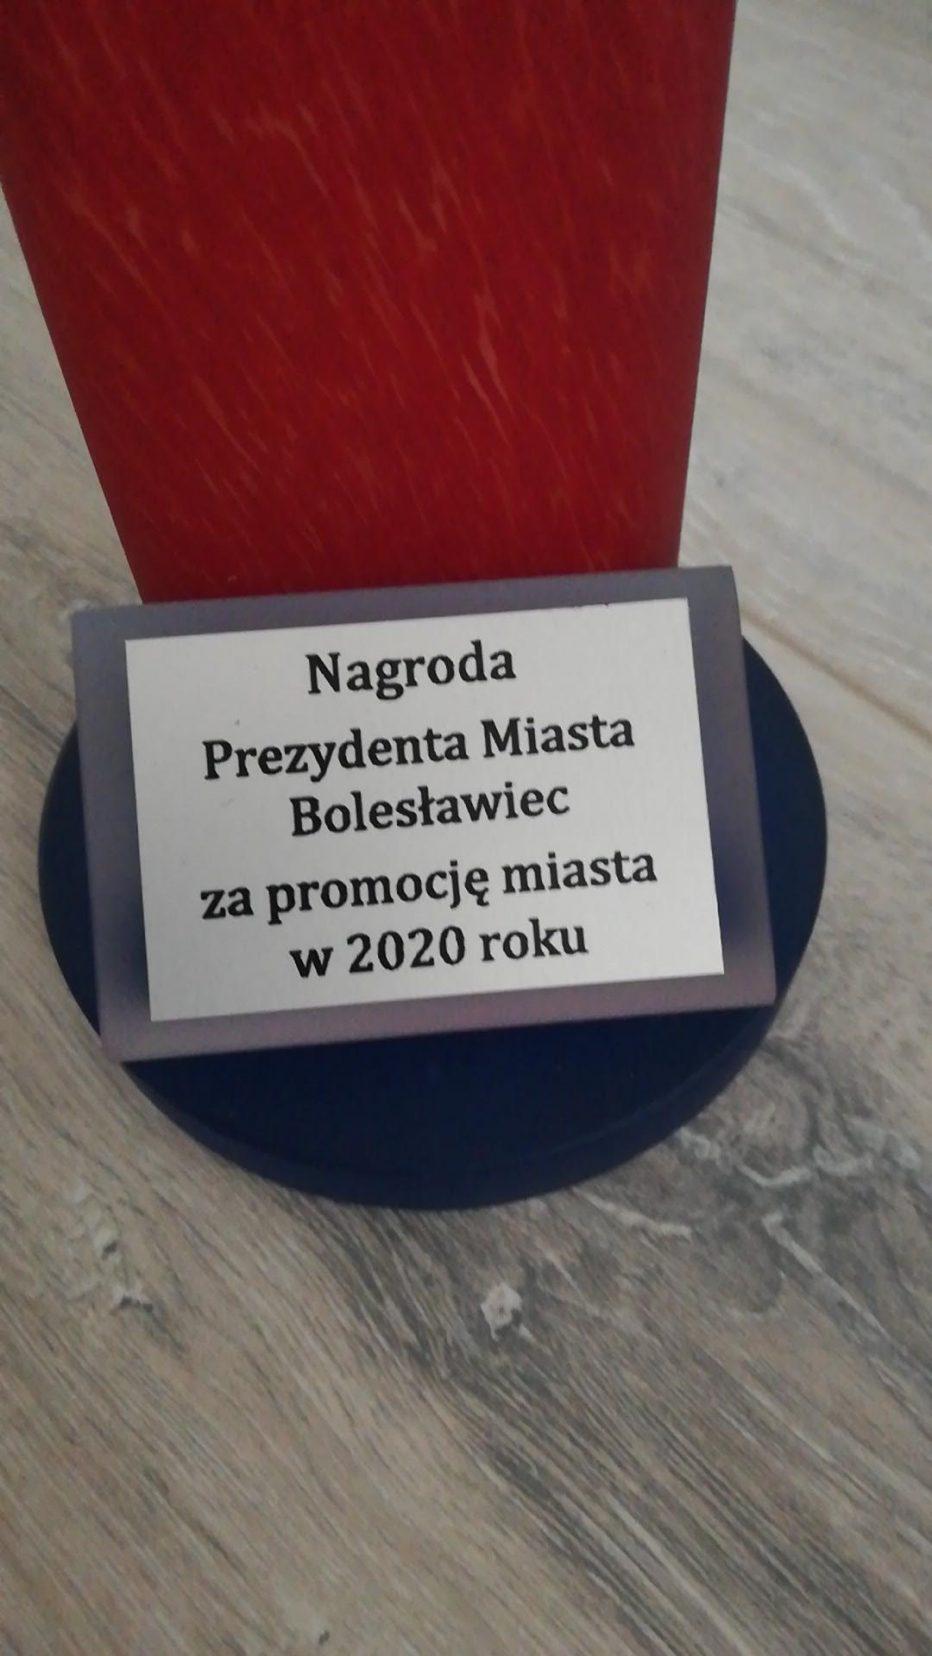 Nagrody za Promocję Miasta w 2020 roku